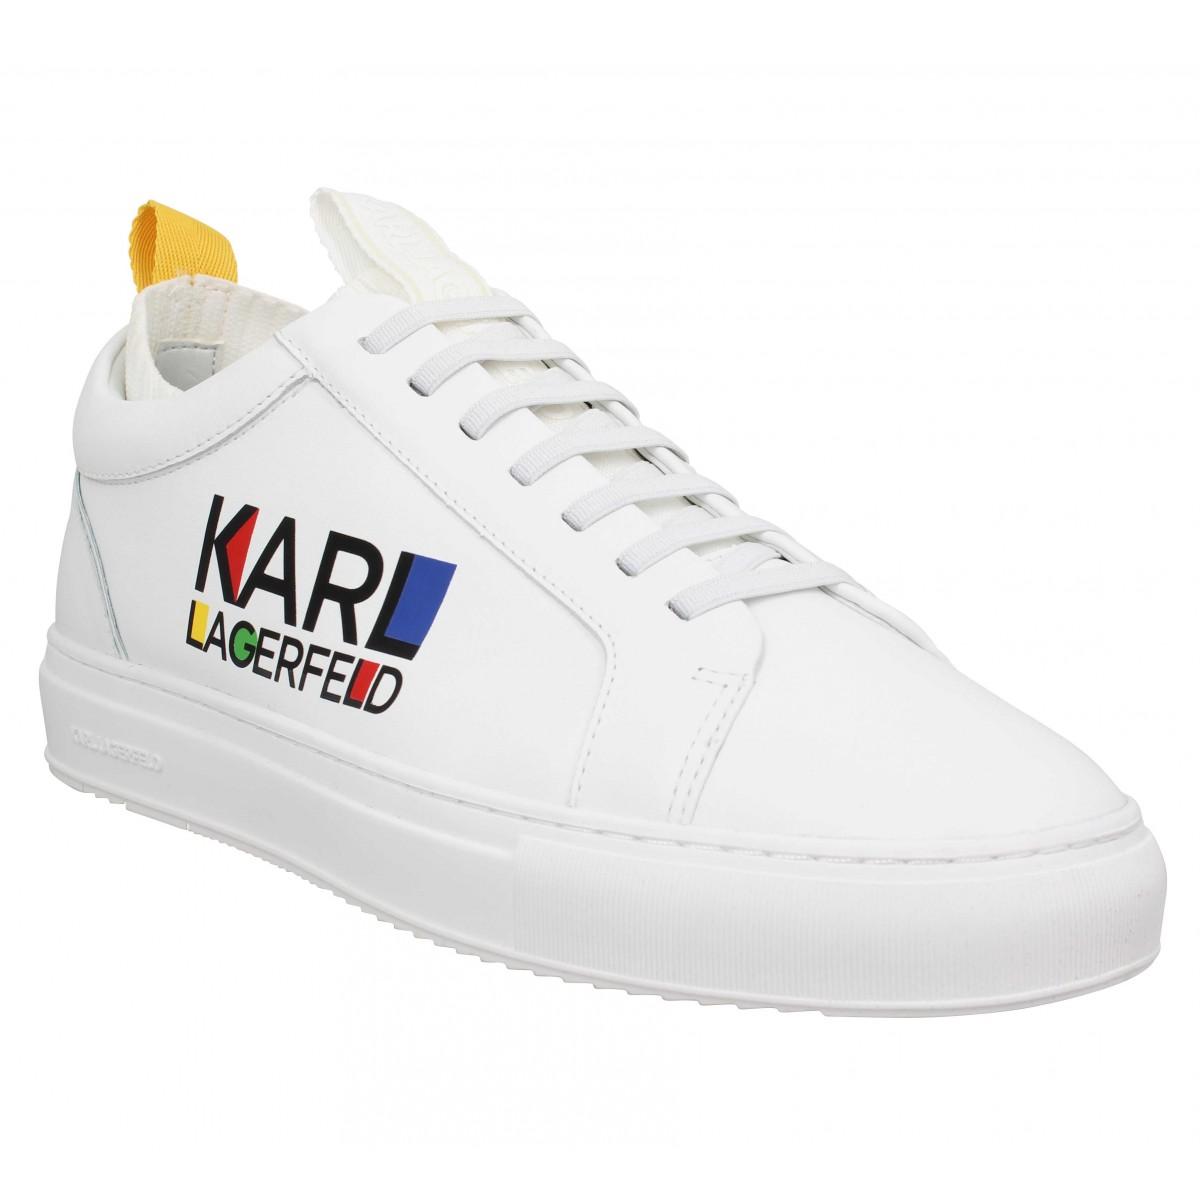 Karl Lagerfeld Marque Kupsole Haus Logo...